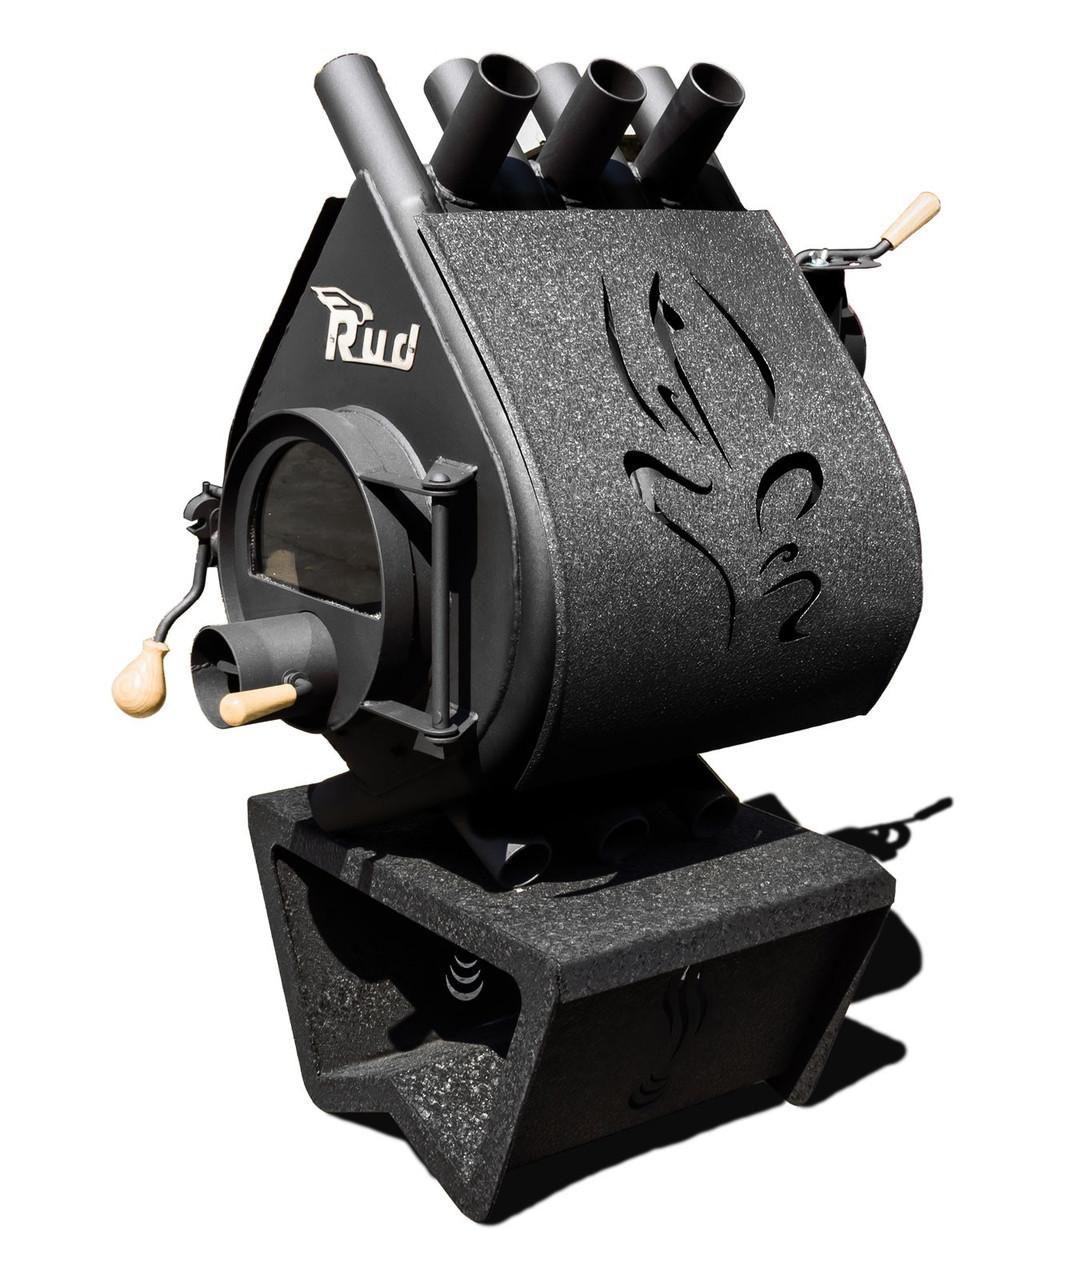 Отопительная конвекционная печь Rud Pyrotron Кантри 01 С обшивкой декоративной (бордовая)